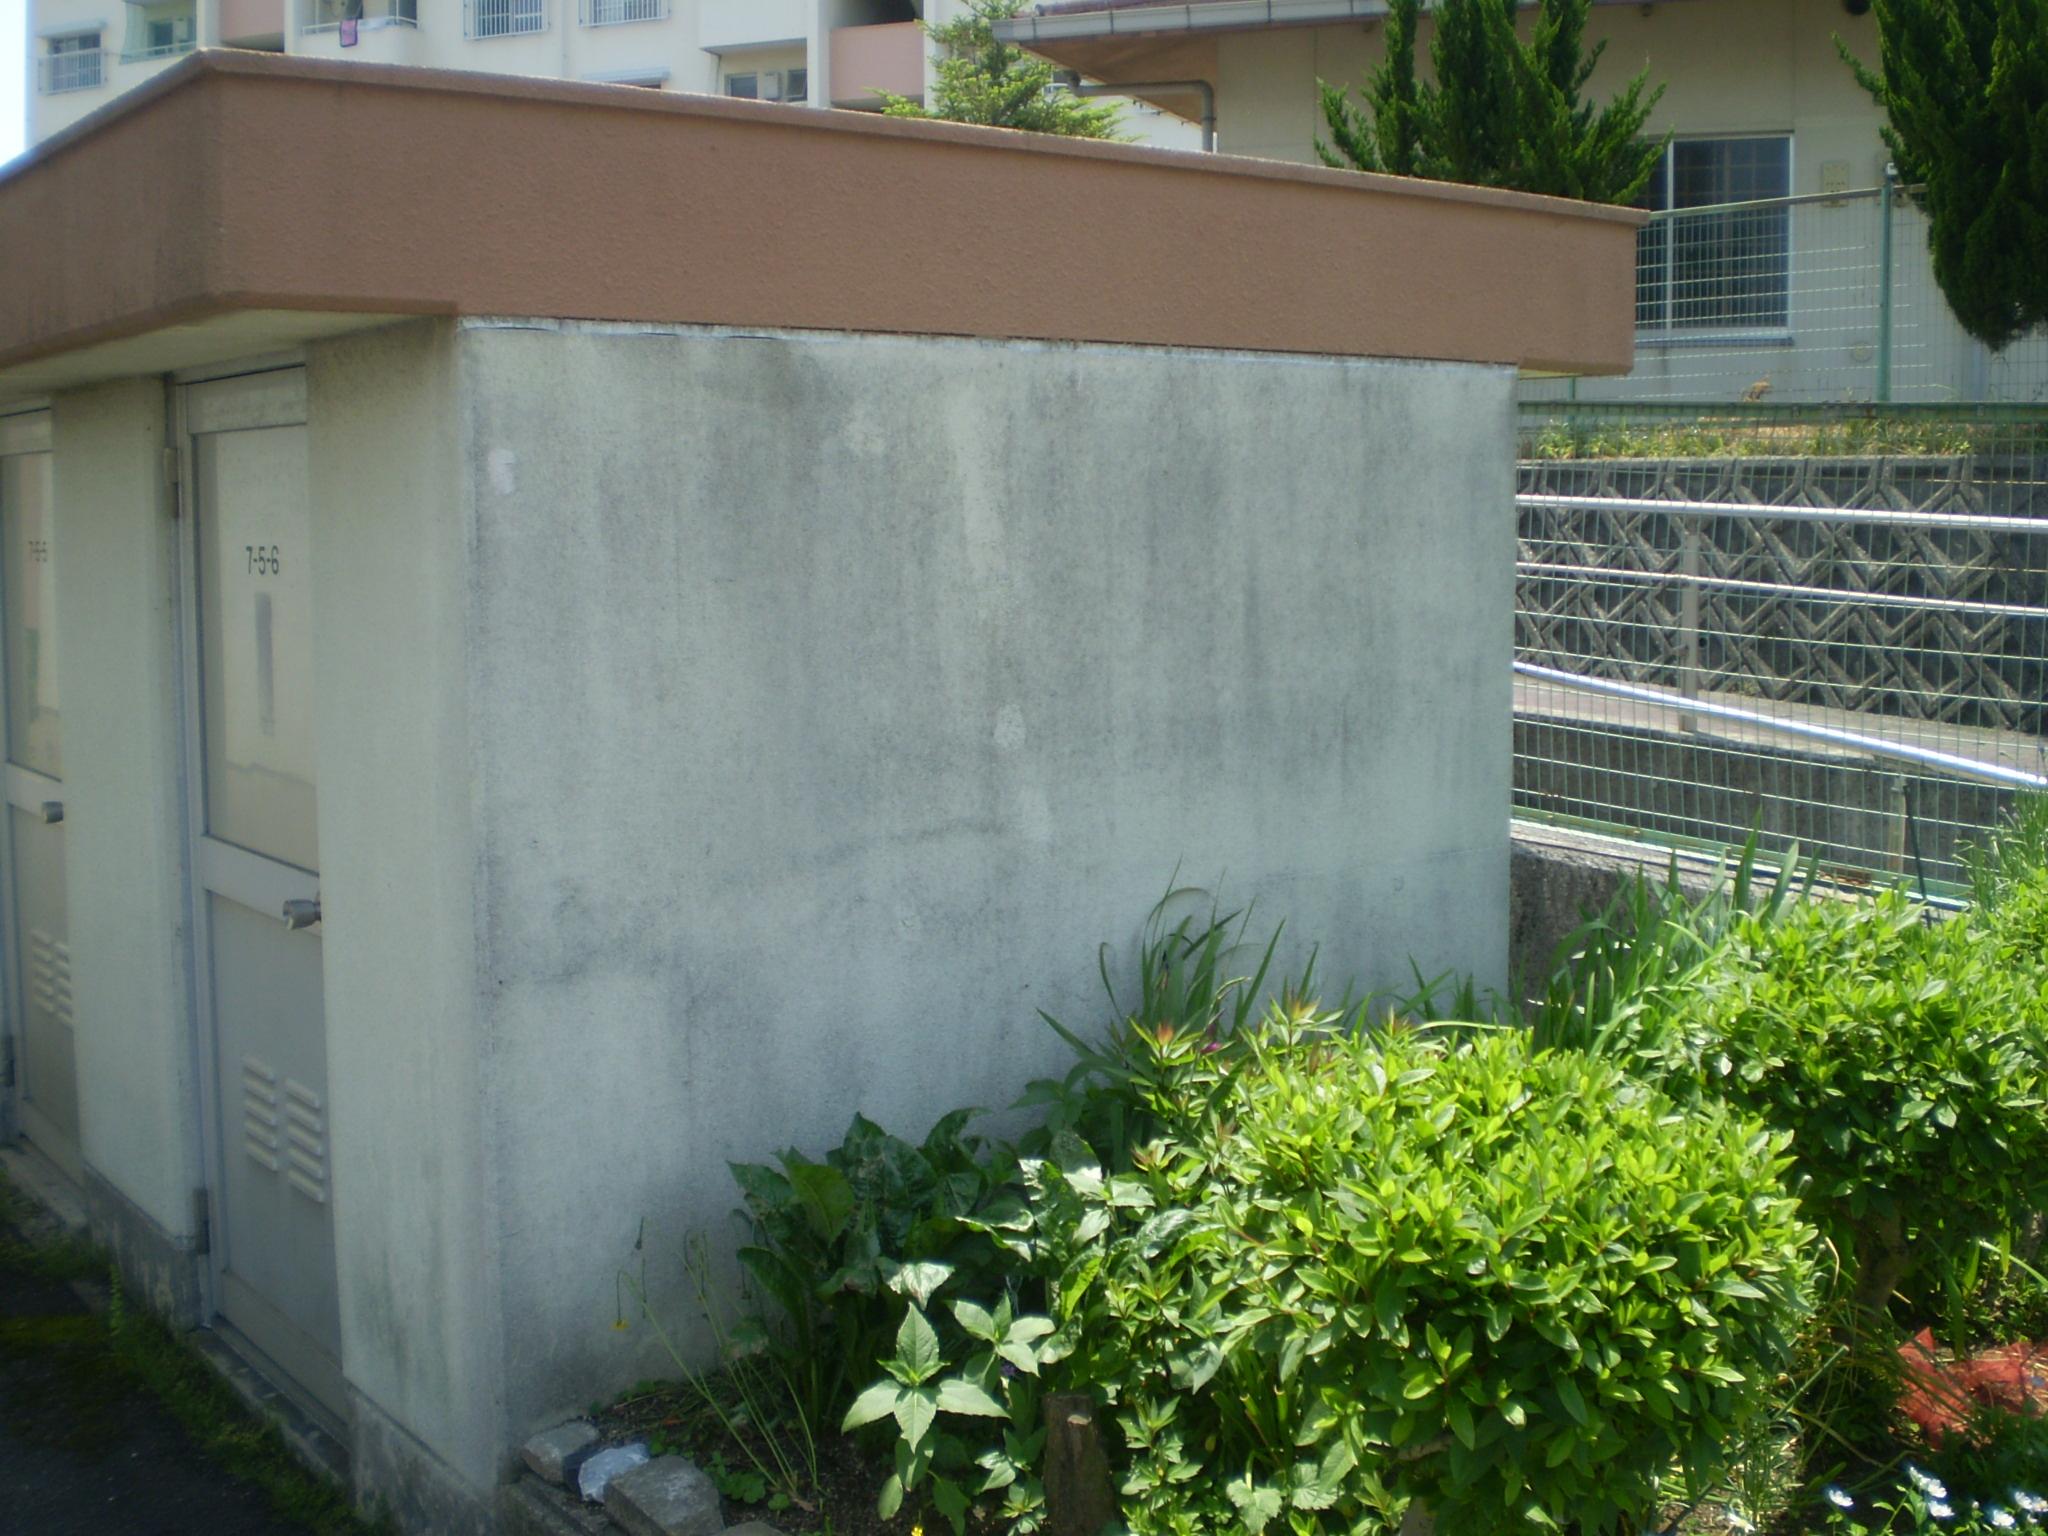 物置棟の一般塗装の劣化等による汚れが付着して黒く汚れて醜い壁色になっています。